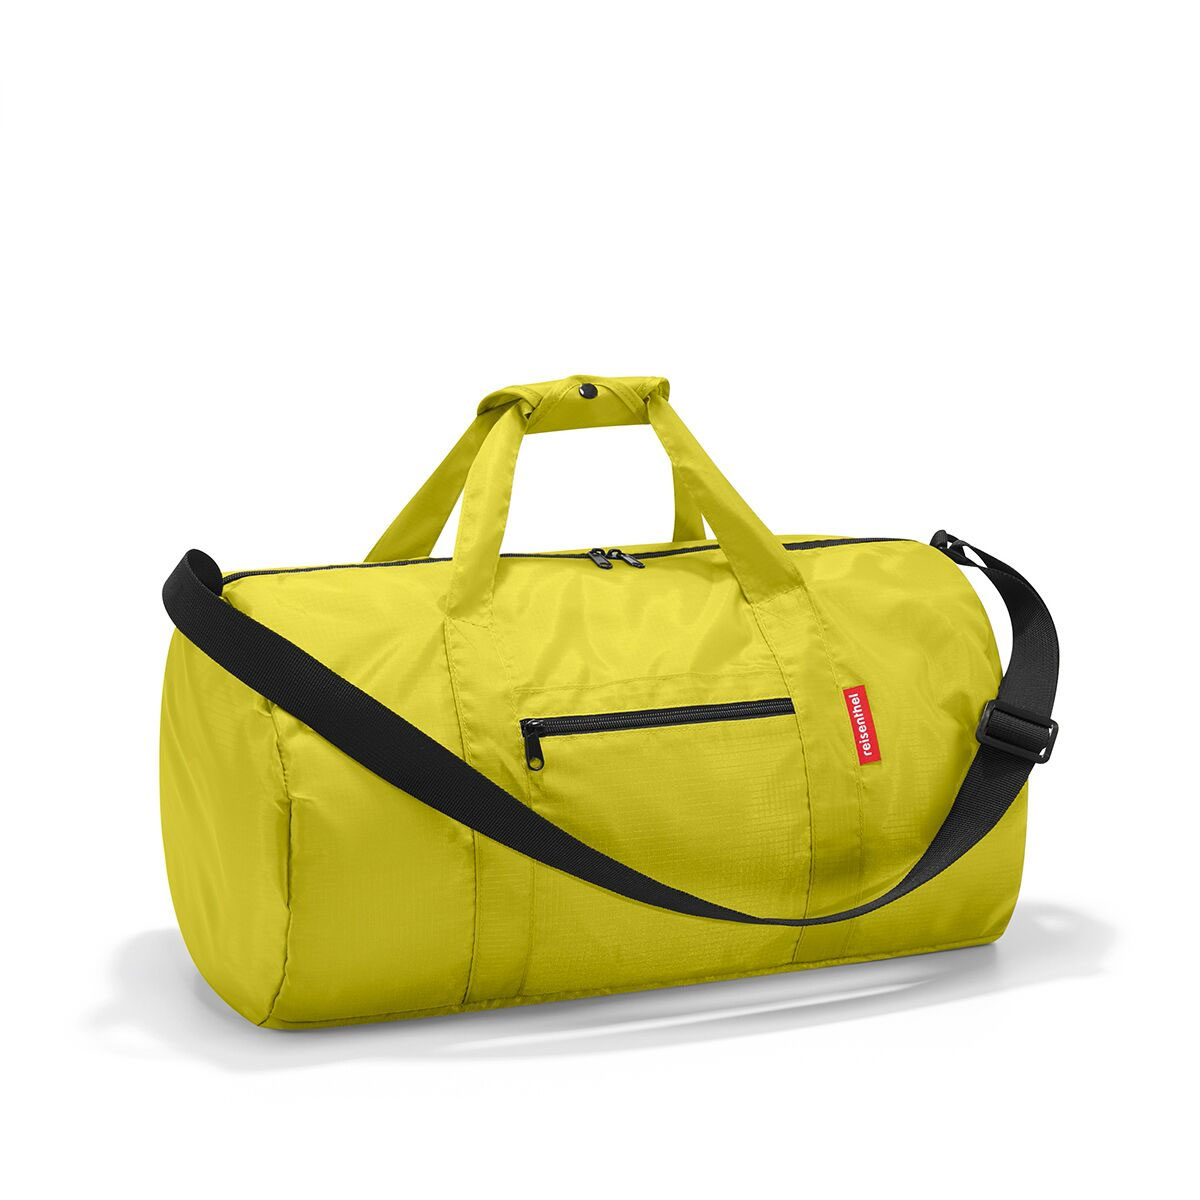 Сумка спортивная женская Reisenthel, цвет: зеленый. AM5001S76245Универсальная сумка-трансформер серии Mini Maxi, предназначенная для путешествий и спорта. Подходит для хранения, компактно складывается в собственный внутренний карман. У модели вместительное основное отделение на молнии, экономит место при хранении и перевозке в сложенном состоянии, регулируемый наплечный ремень, ручки для переноски, регулируемые при помощи специальных застежек, два внешних кармана на молнии, материал: высококачественный водостойкий полиэстер, объем – 20 литров.